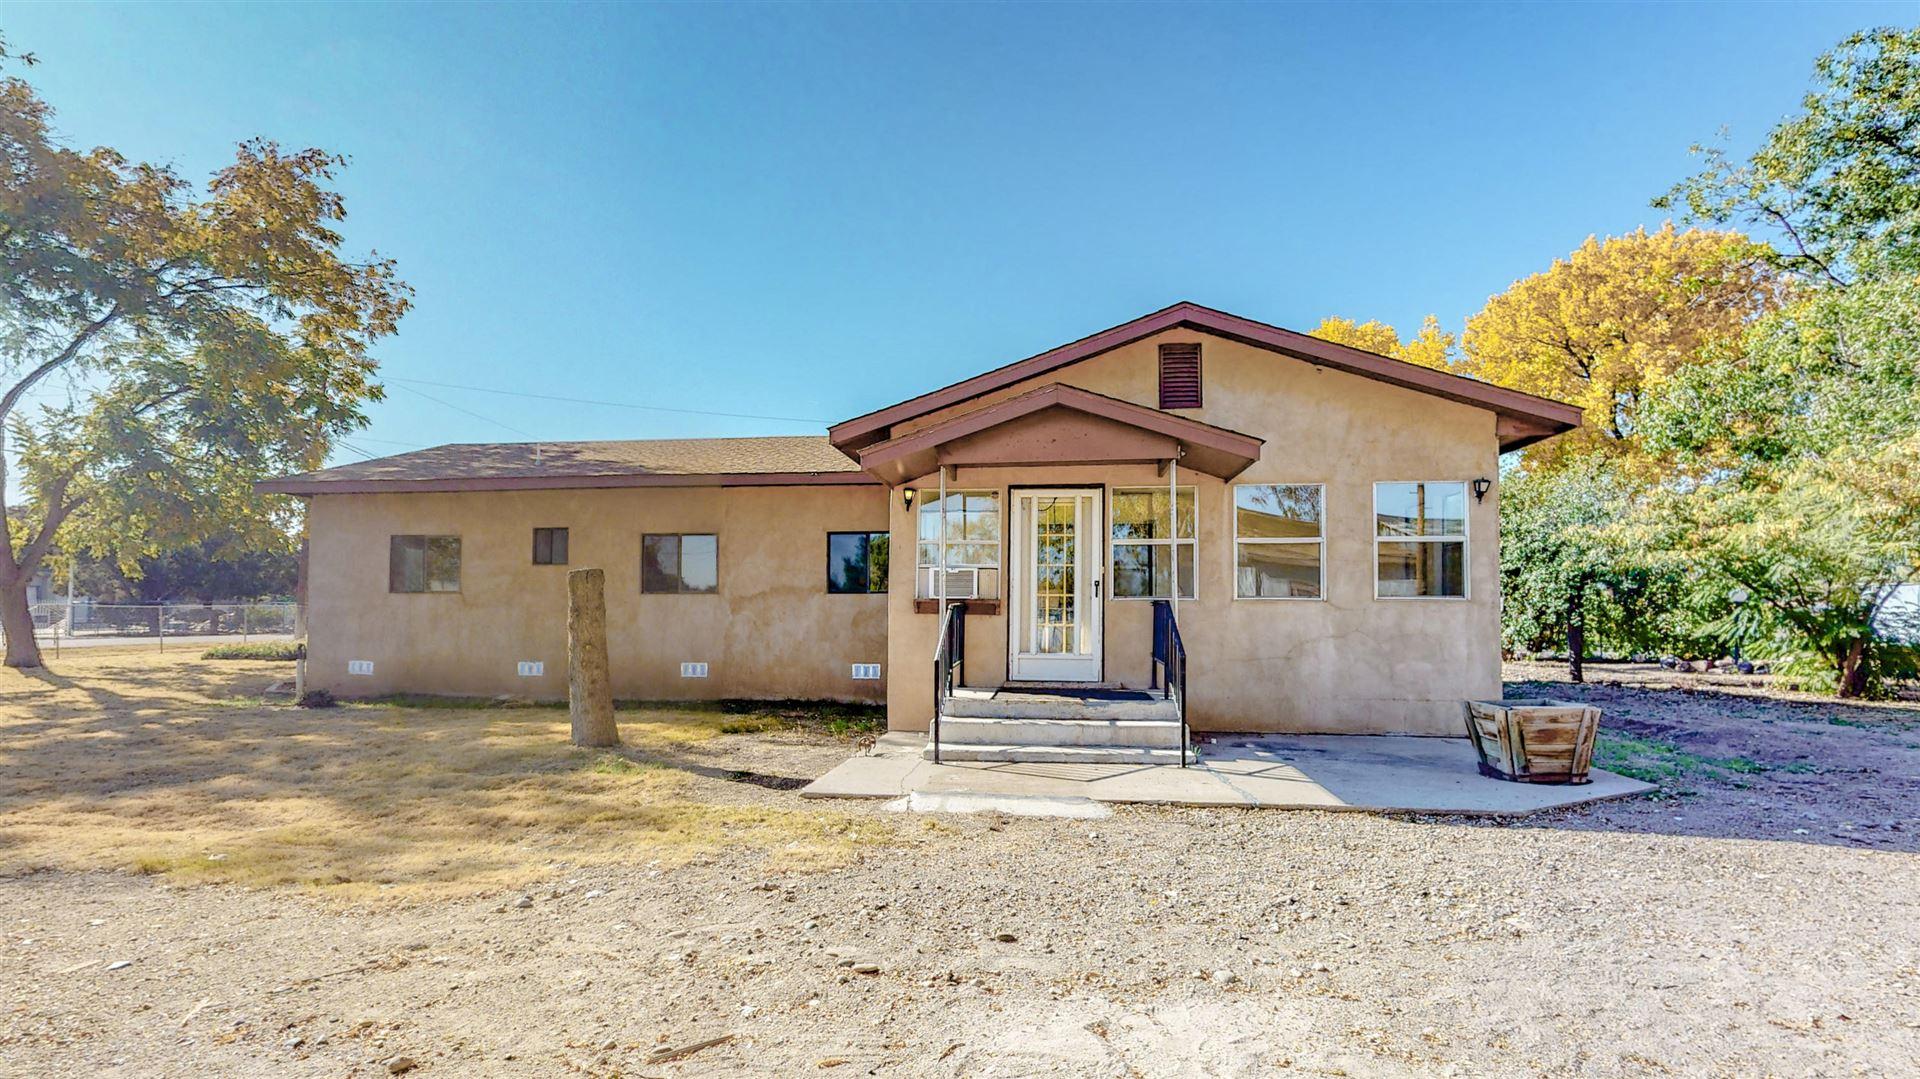 23 PALOMAS Road, Los Lunas, NM 87031 - MLS#: 980284